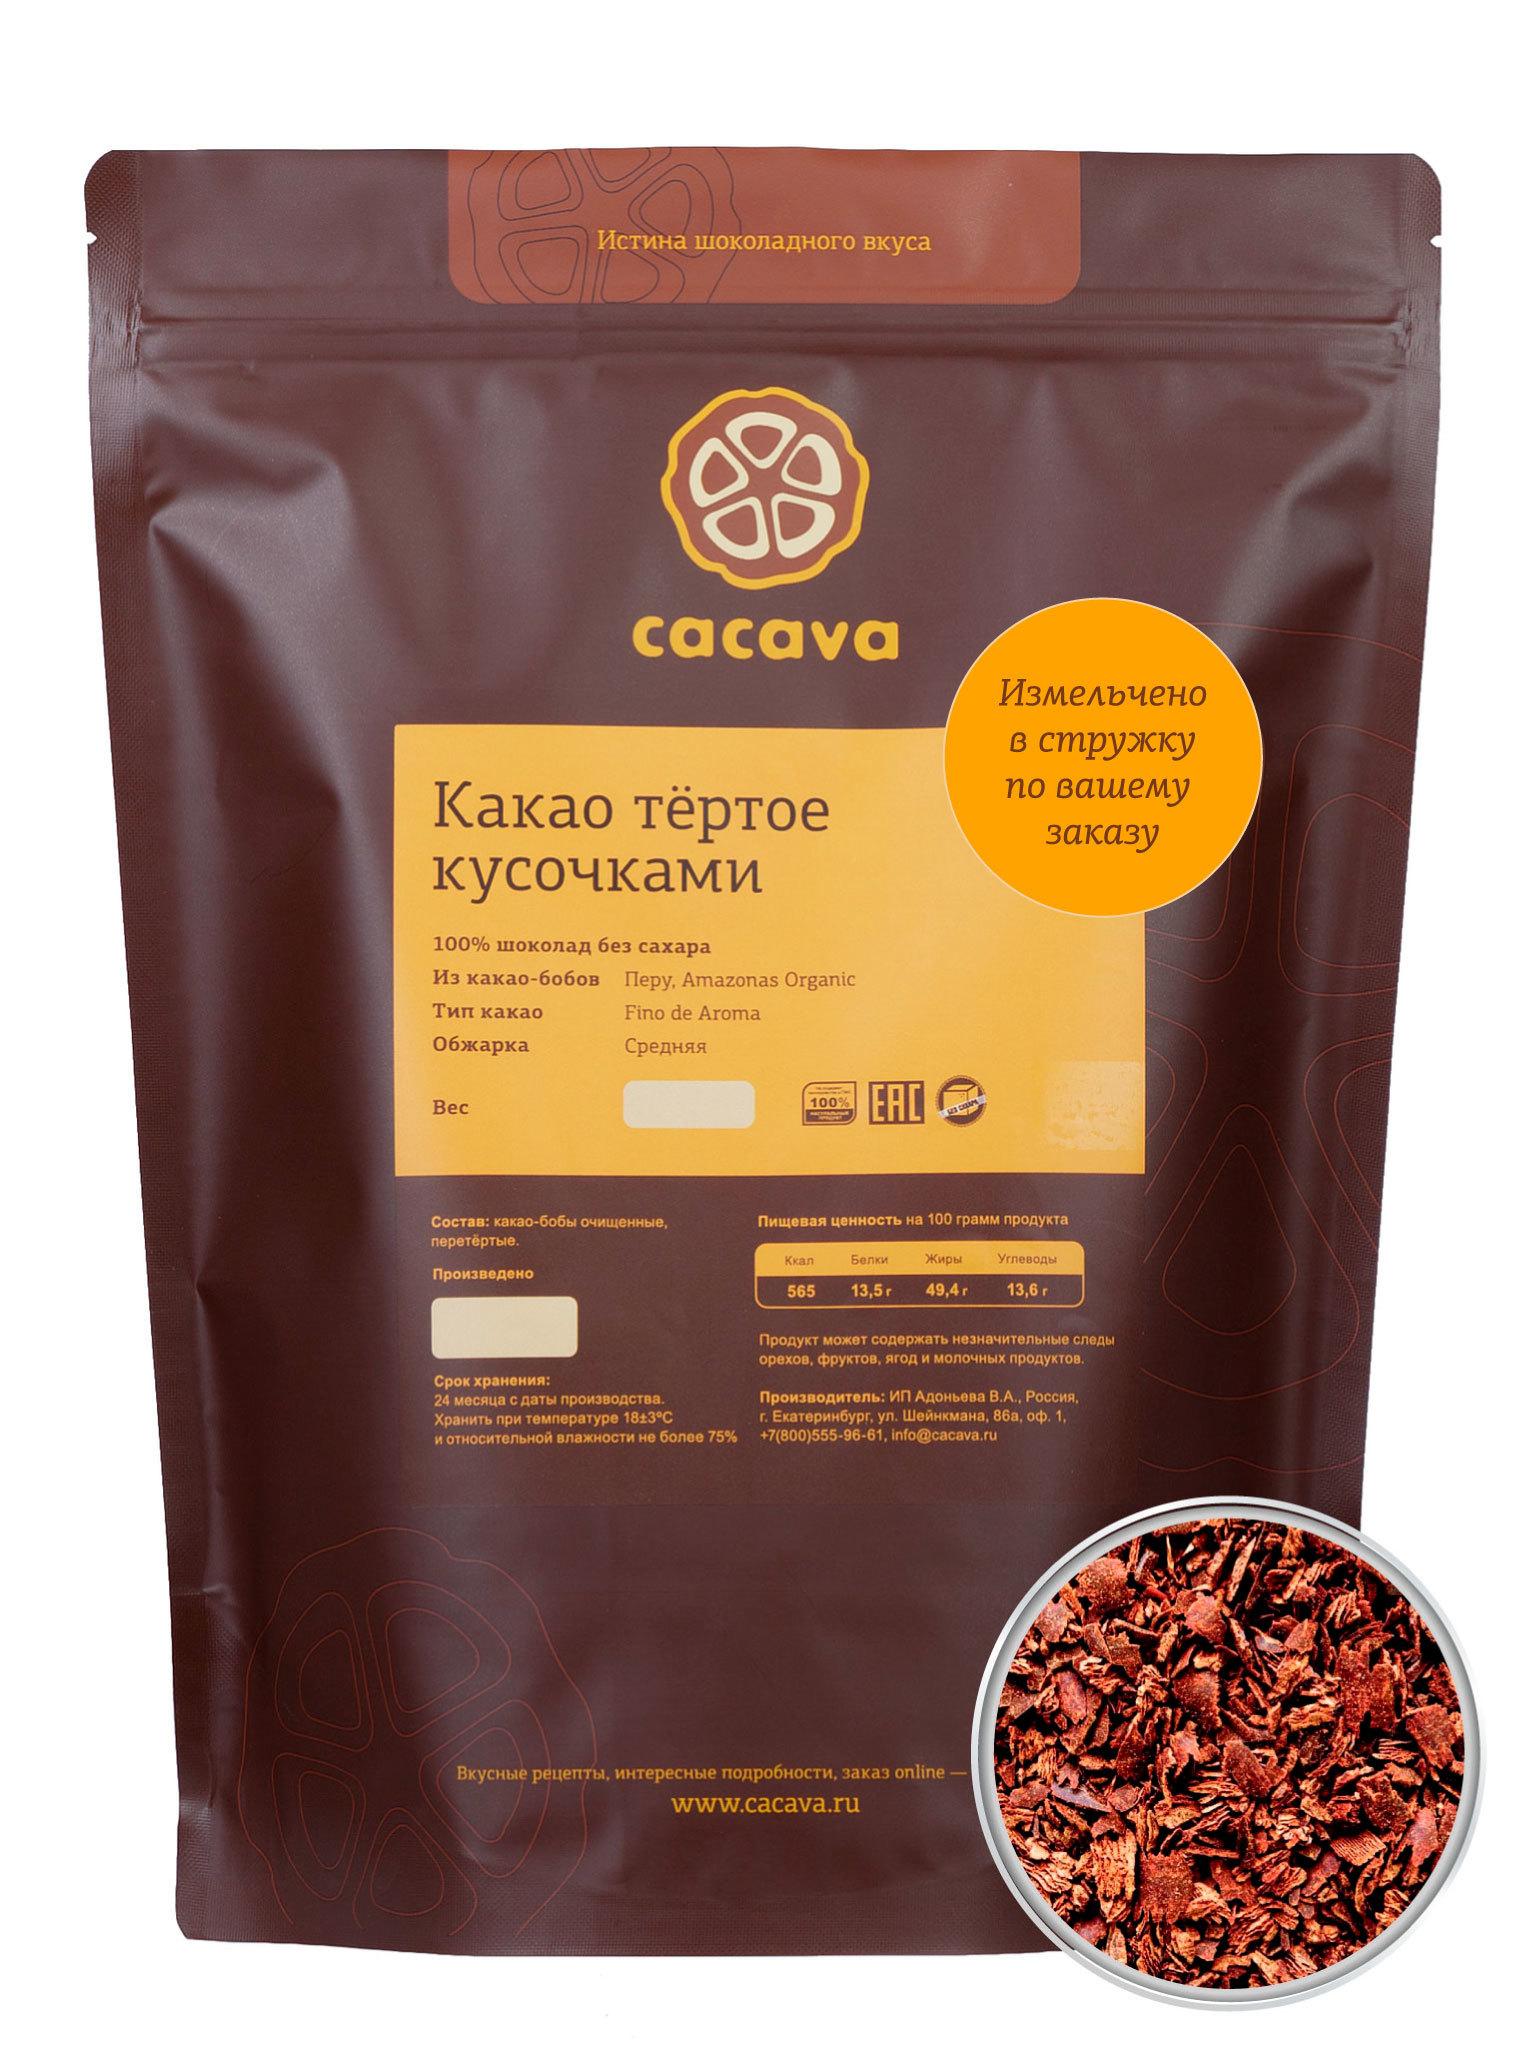 Какао тёртое в стружке (Перу, Amazonas), упаковка 1 кг